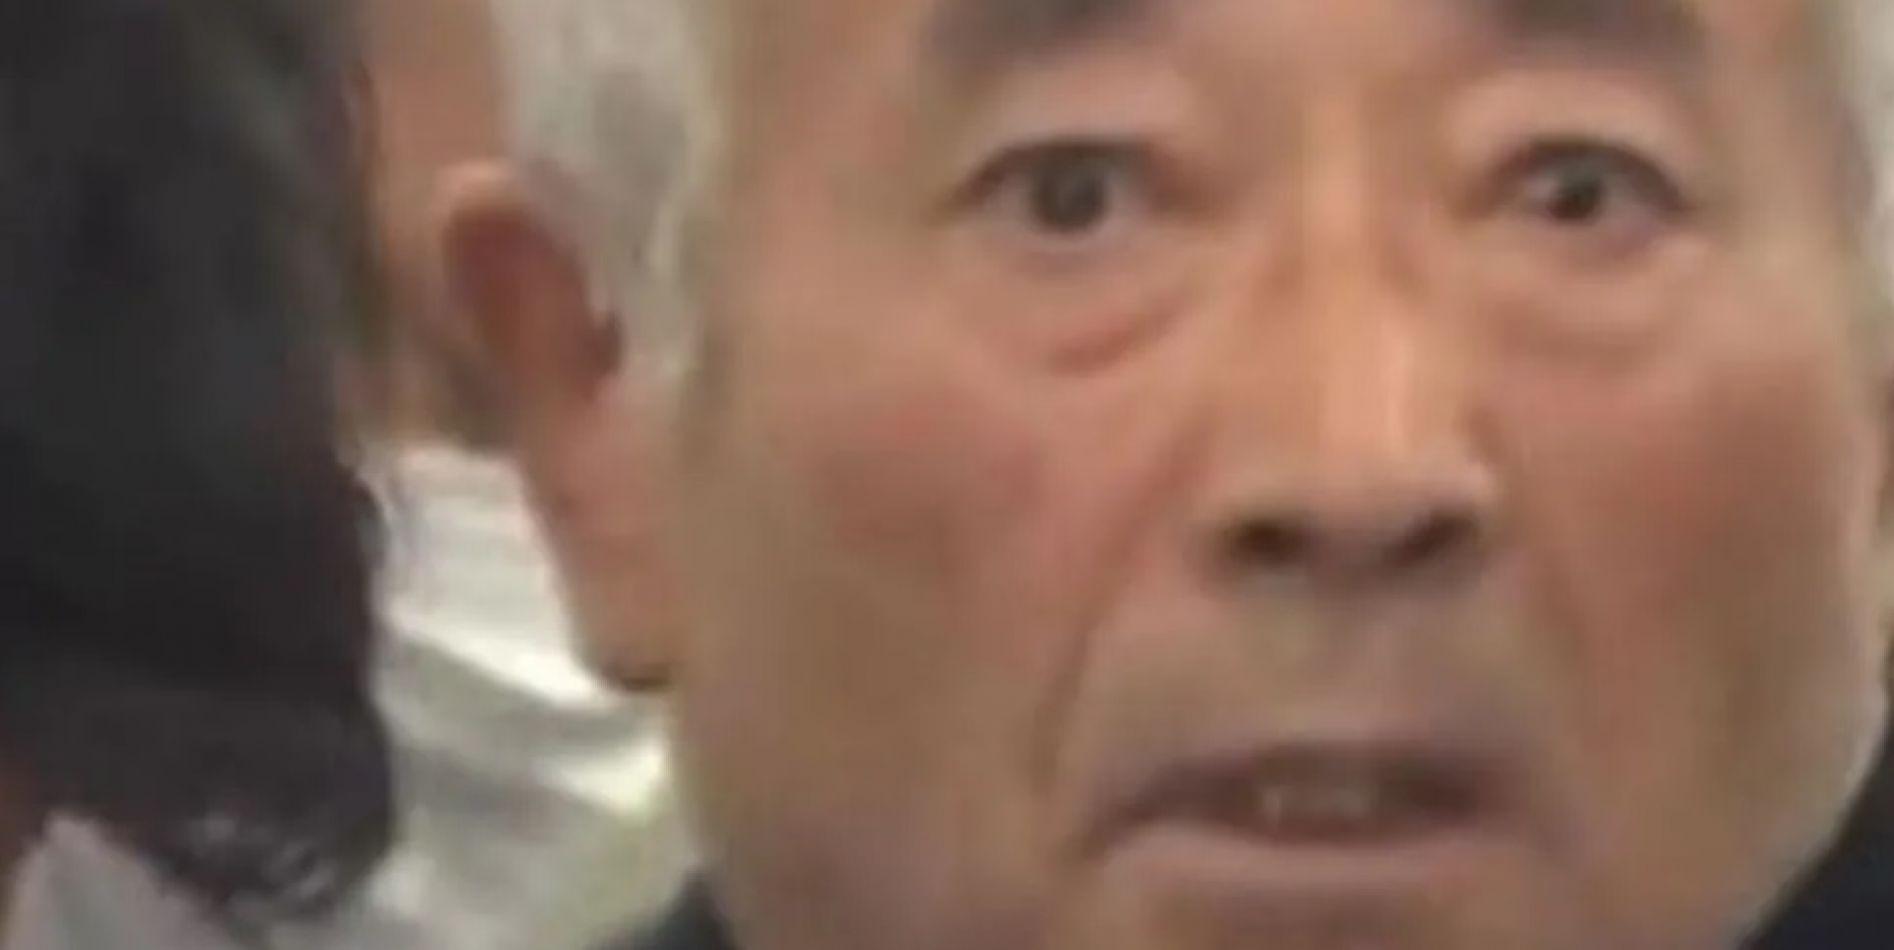 Detuvieron a jubilado por llamar 24.000 veces a su compañía de teléfono